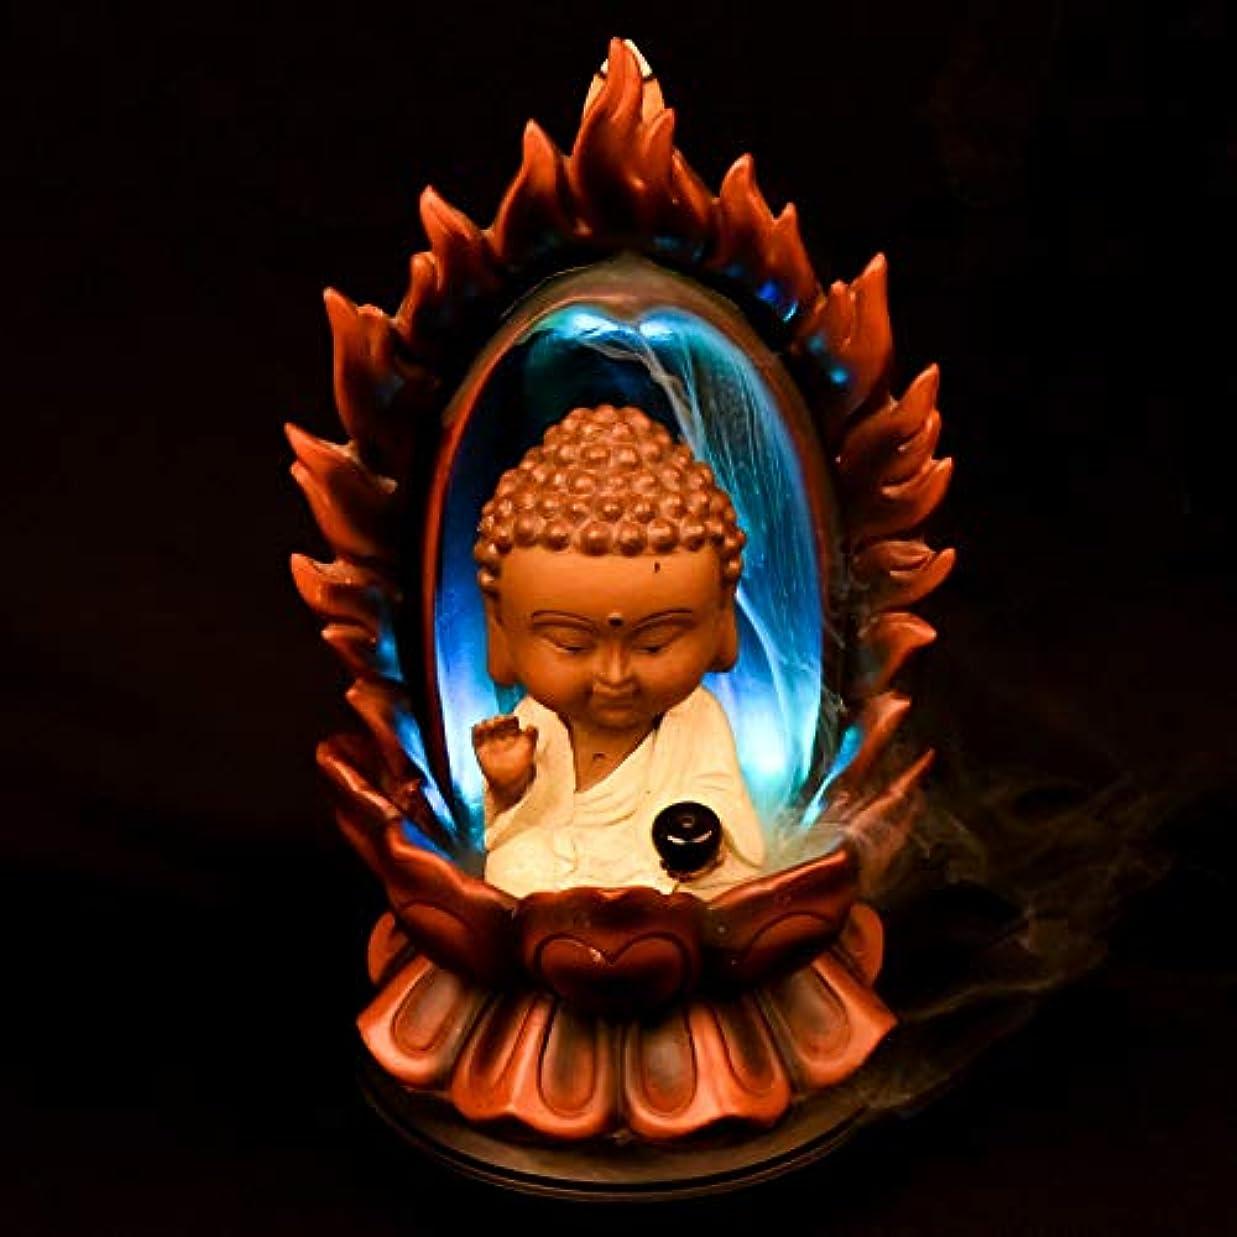 科学者訴える局PHILOGOD 樹脂逆流香 パーソナリティスタイリング仏壇用香炉/香立て お香 ホルダー ホームデコレーション